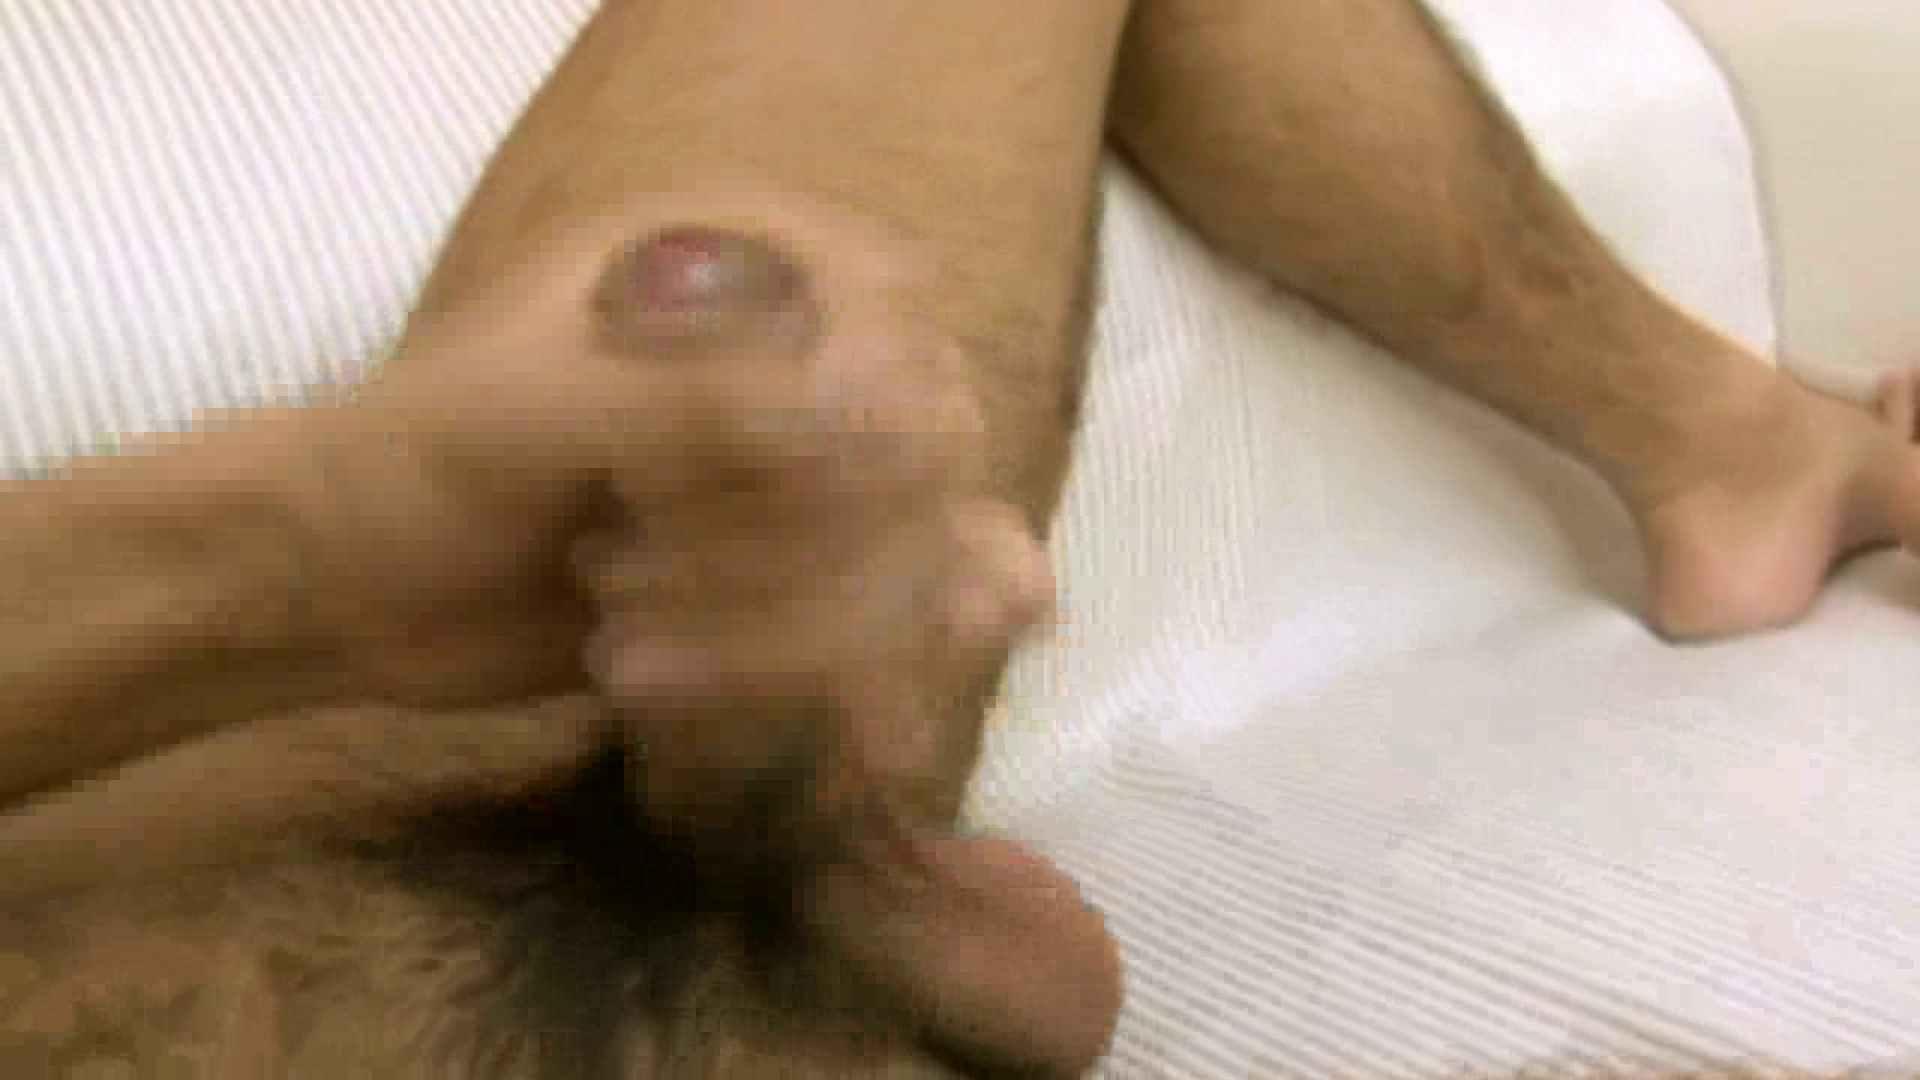 ノンケ!自慰スタジオ No.11 自慰特集 | ゲイの裸  67枚 57